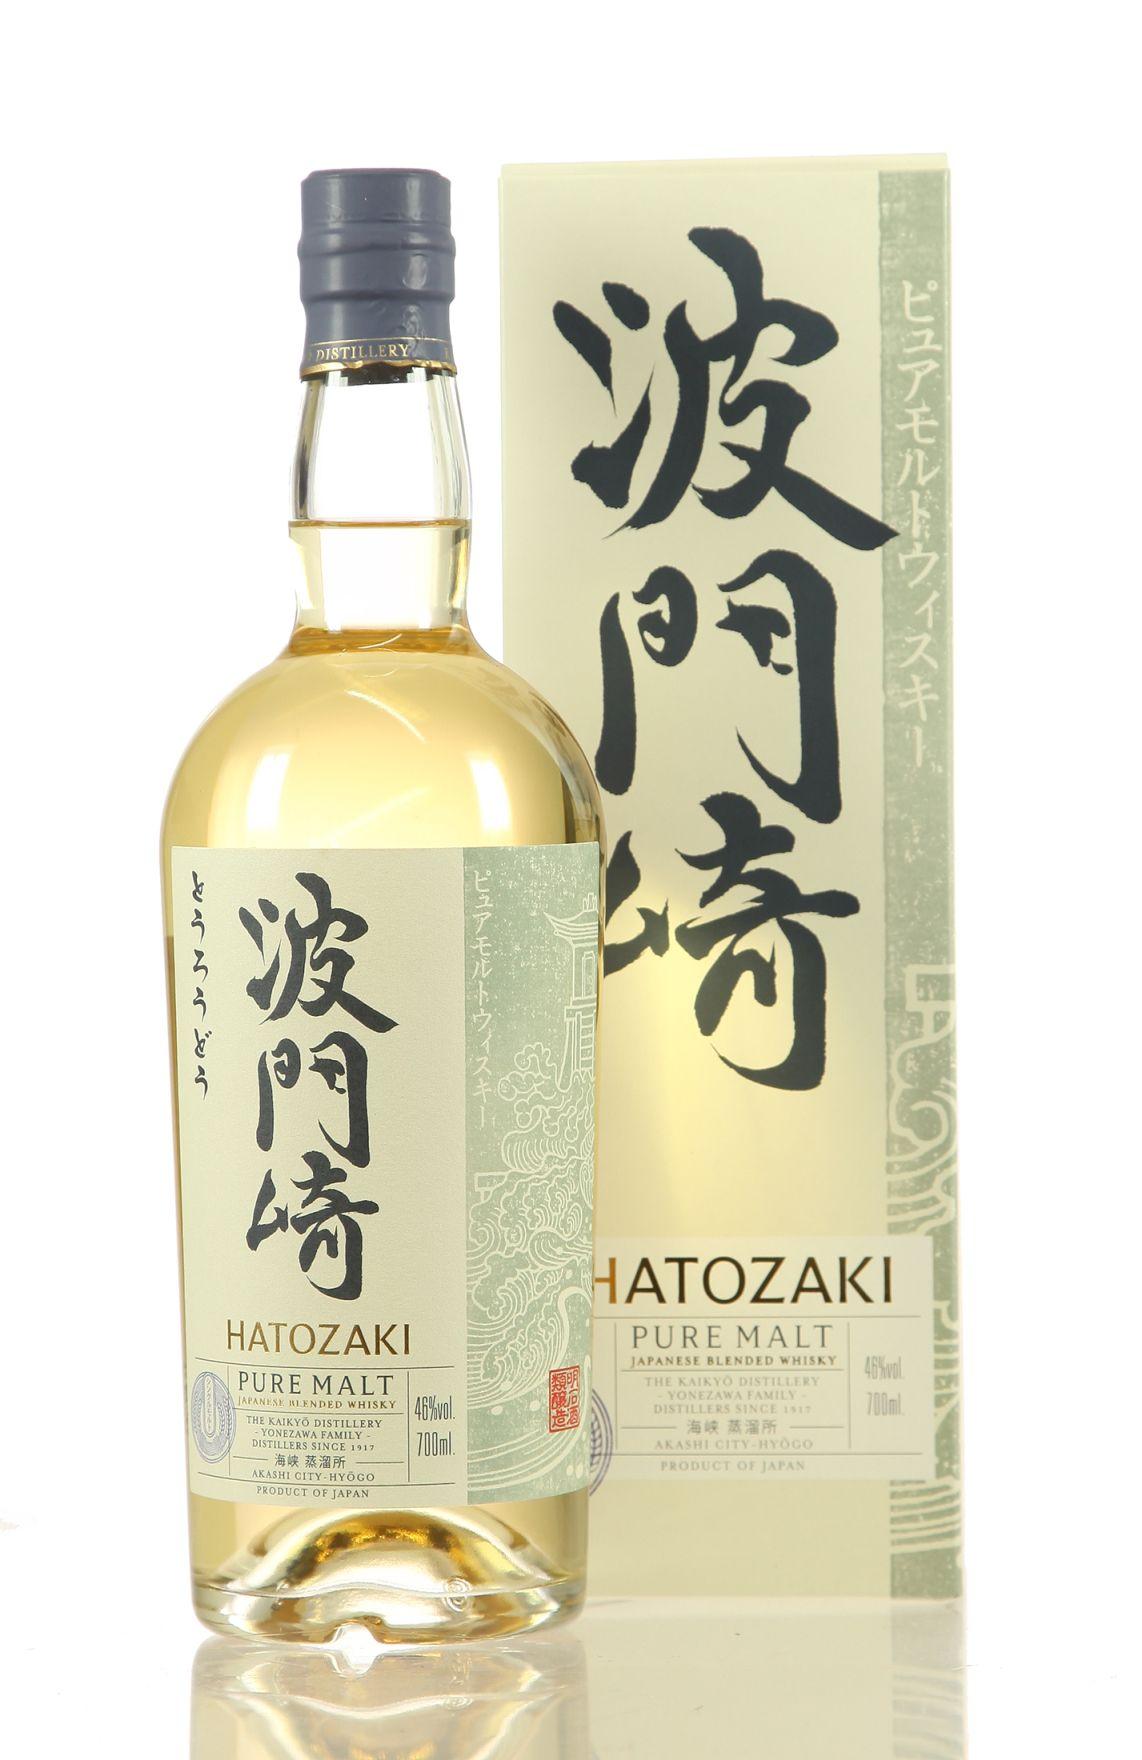 Hatozaki Pure Malt Blended